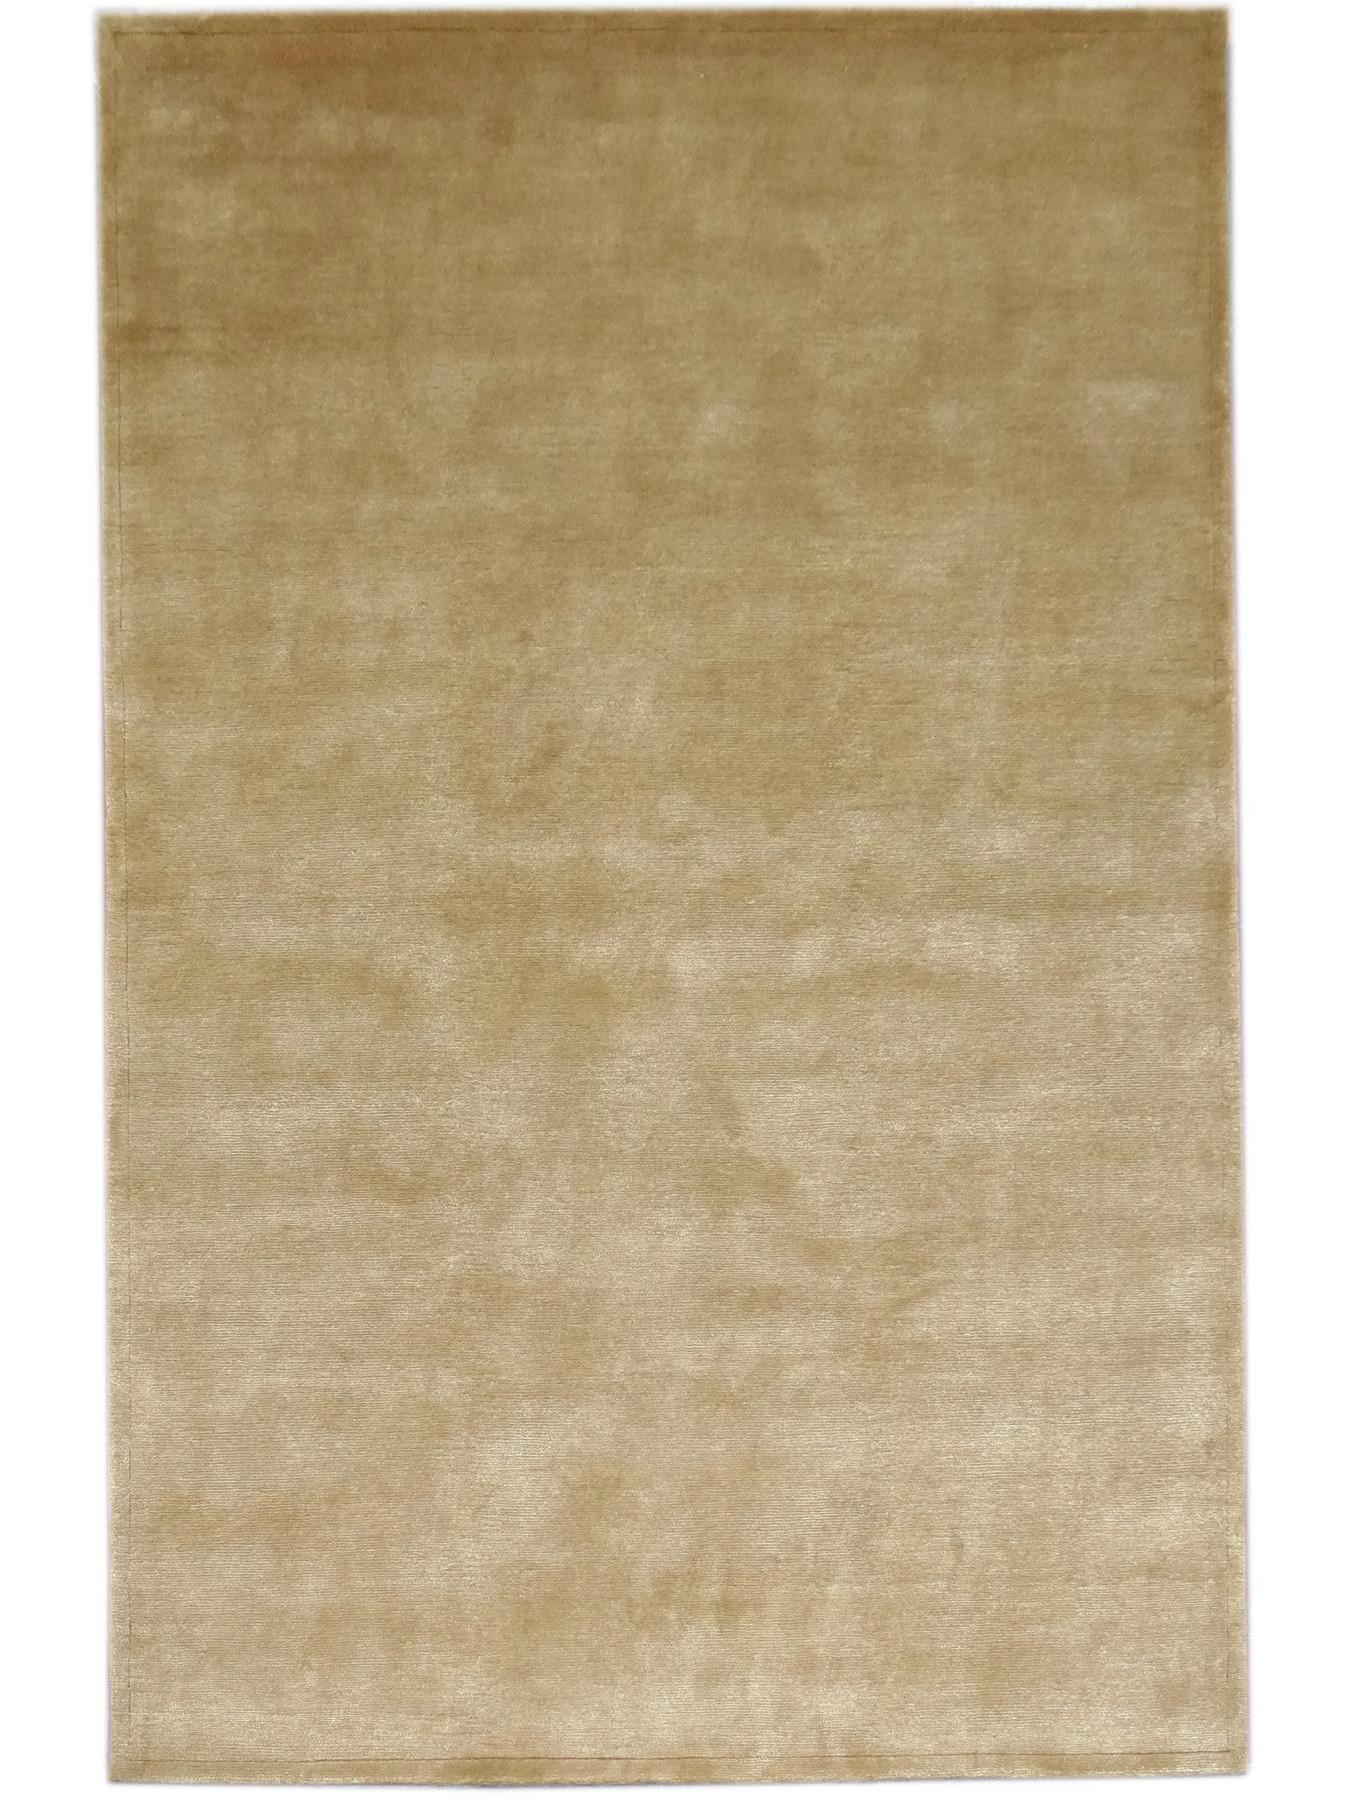 Eenkleurige tapijten - ARGENTE - S4404